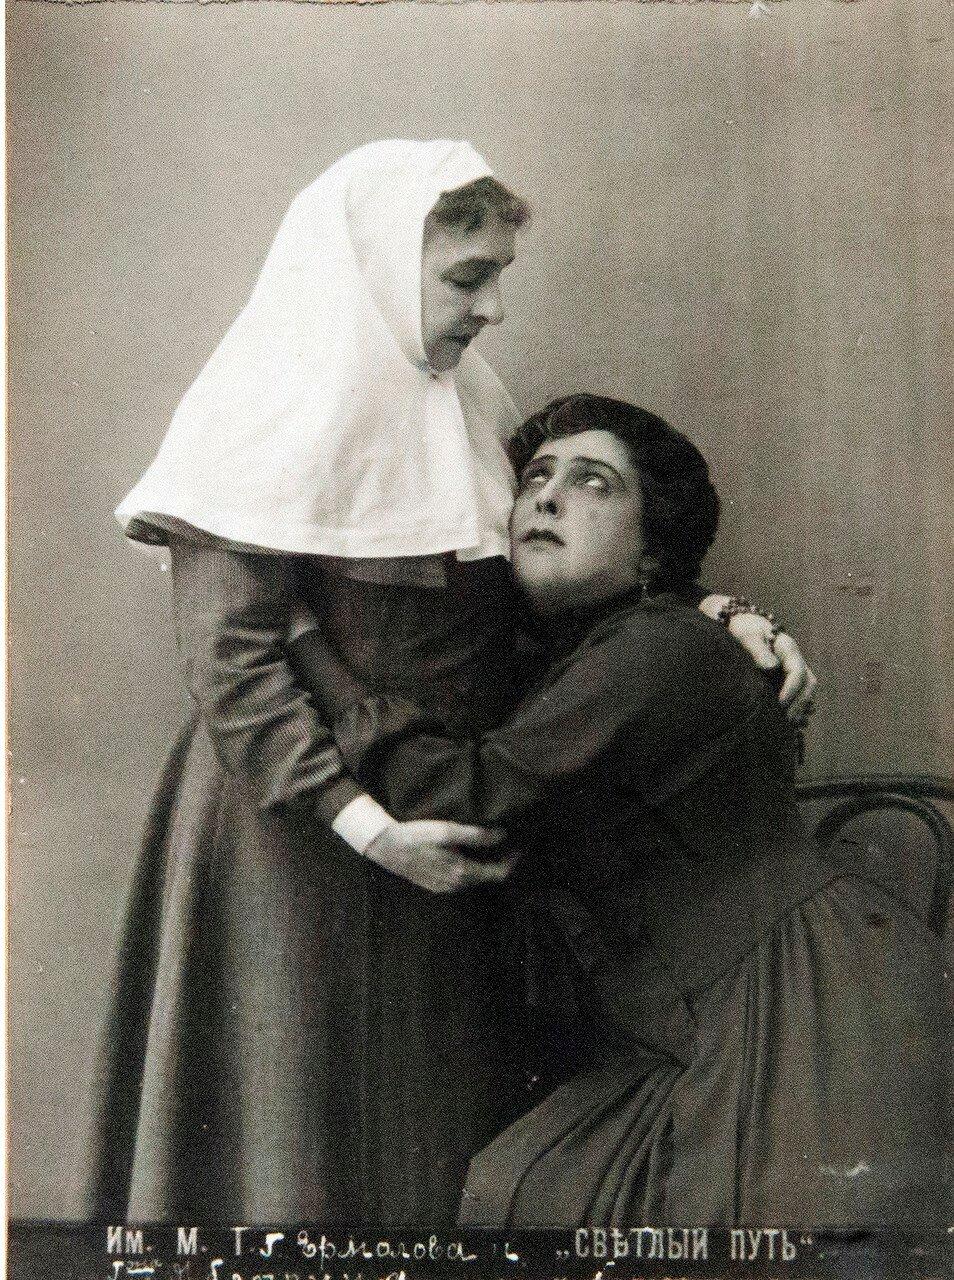 Ермолова Мария Николаевна. В это время Ермолова начала играть настоящие роли, которые ей интересны, которые её увлекают. В 1873 году она исполнила роль Катерины в пьесе «Гроза». Работа над этой ролью продолжалась несколько лет